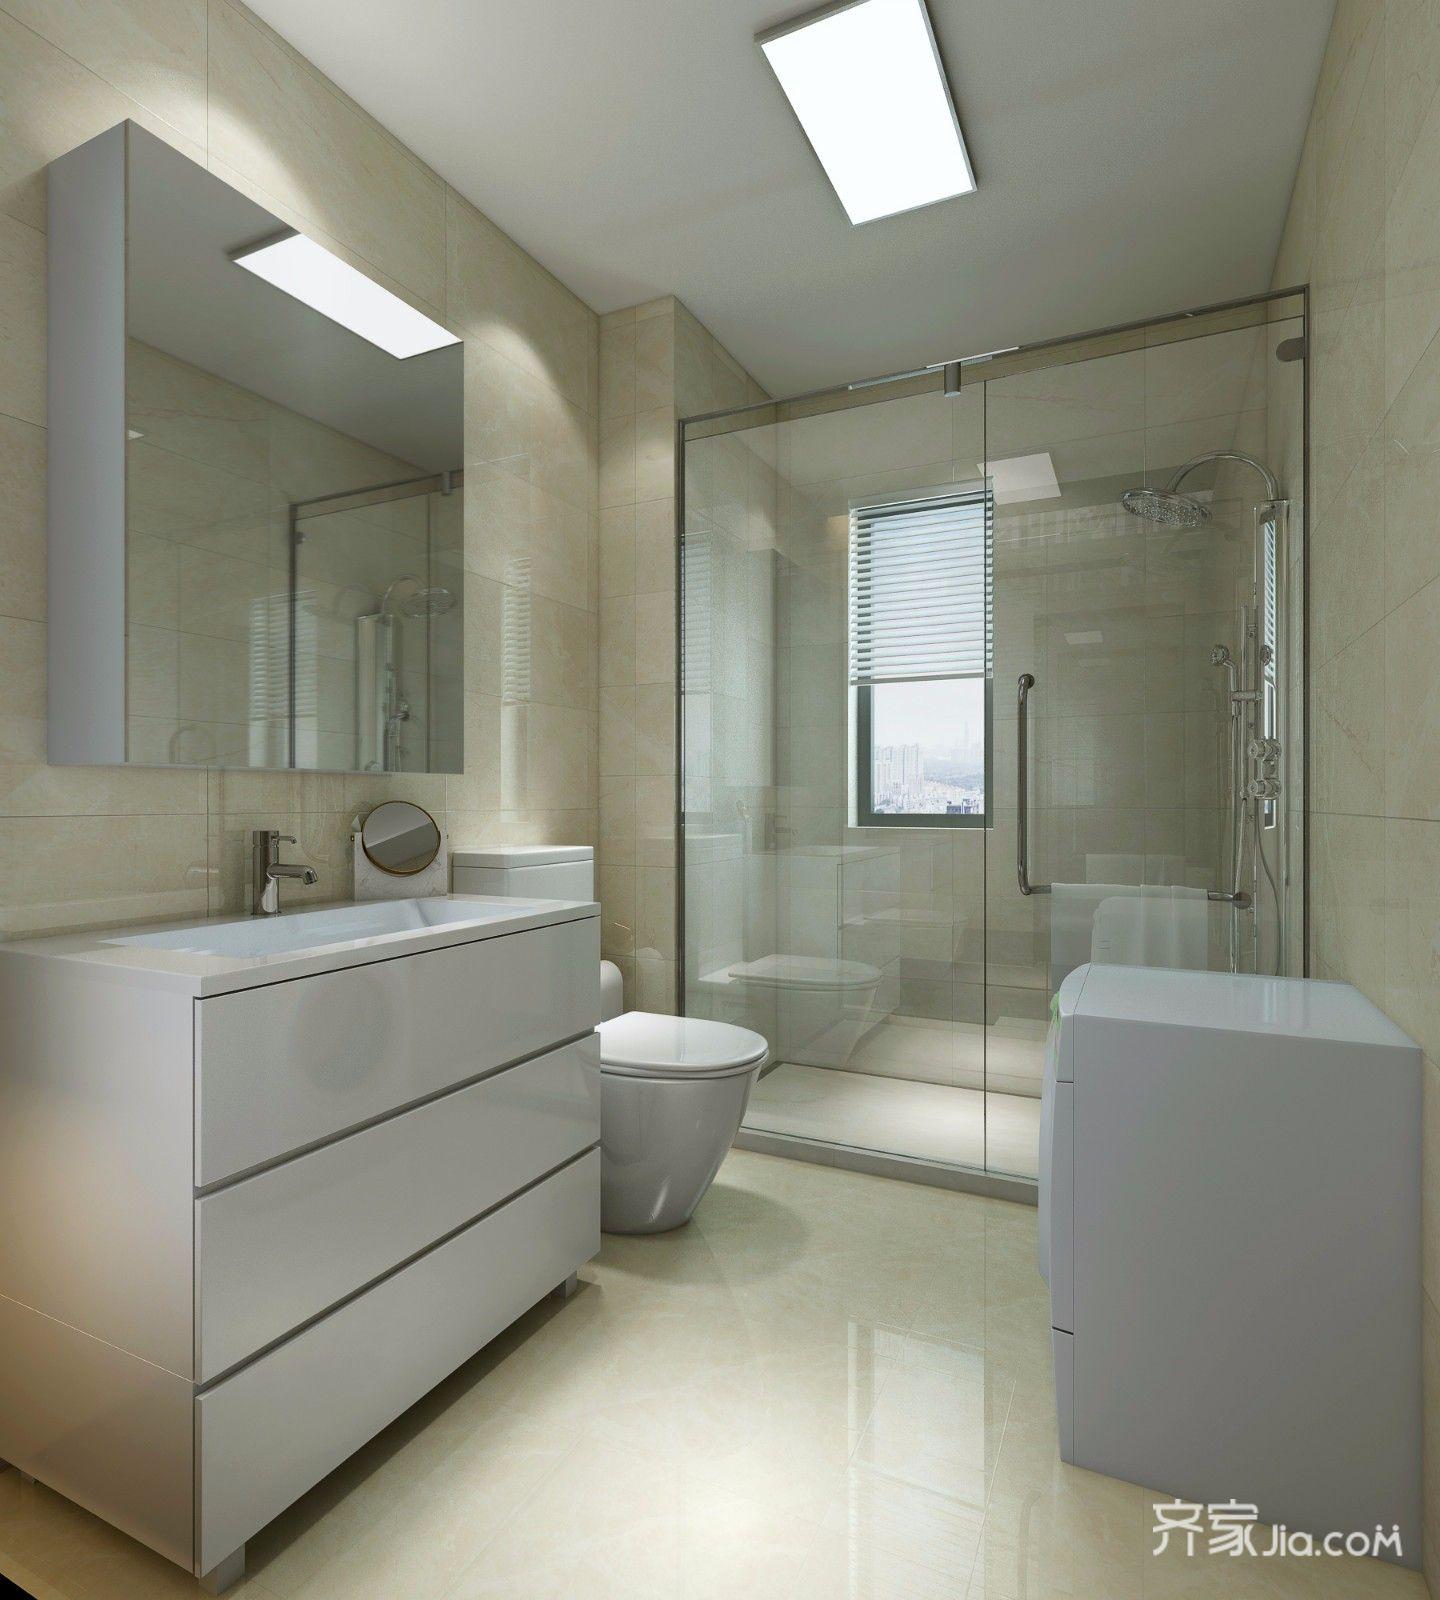 160㎡现代简约三居卫生间装修效果图